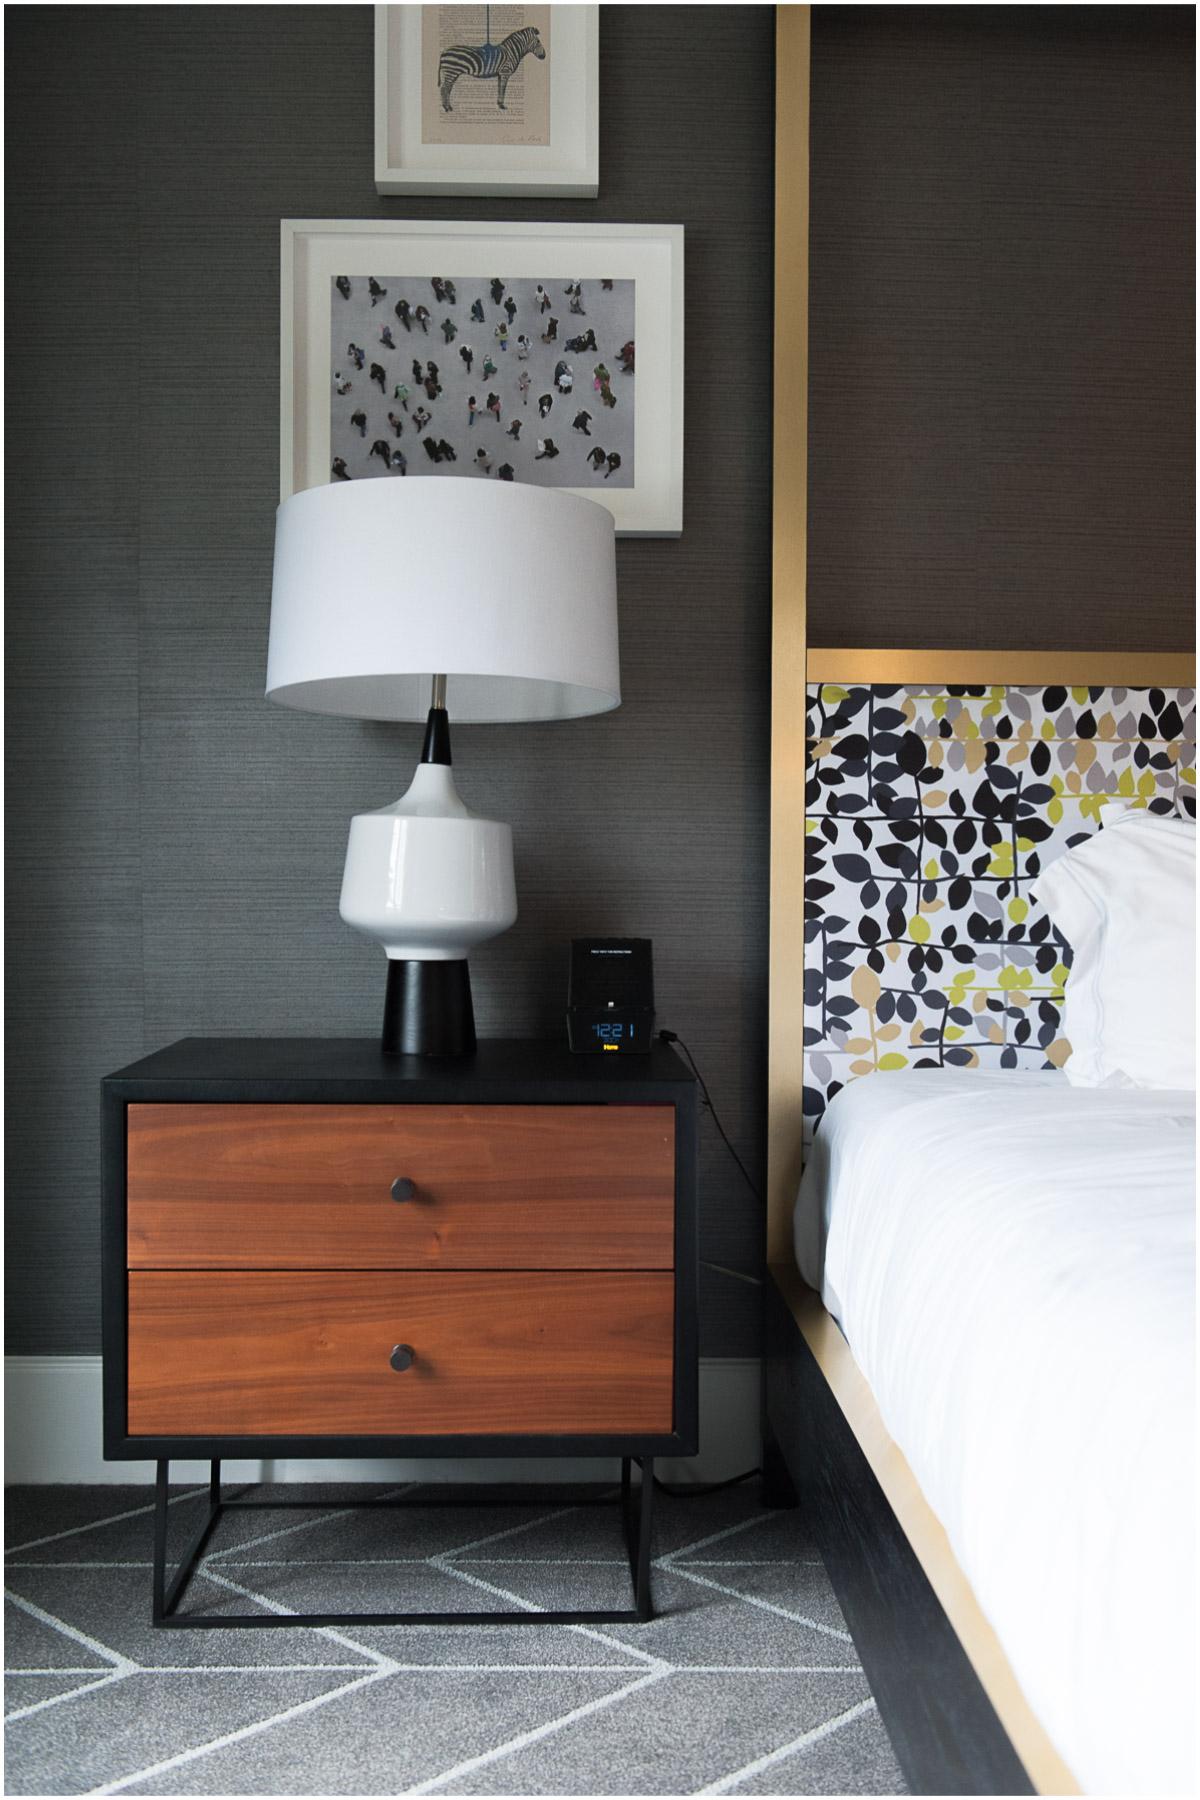 Brice-Hotel-Savannah-Georgia_11.jpg